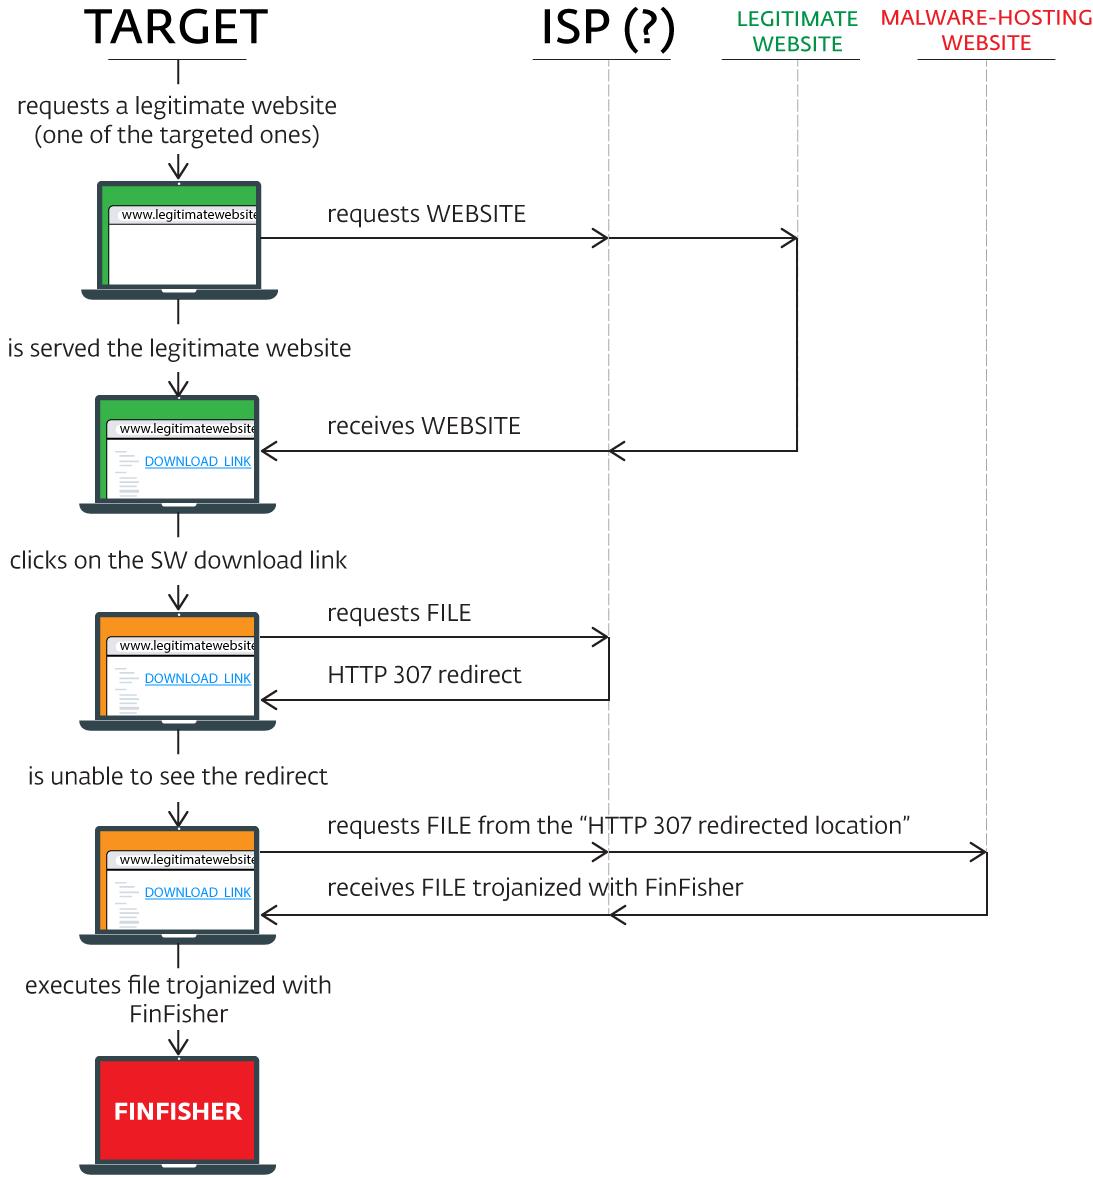 Новая операция кибершпионажа FinFisher: атаки MitM на уровне провайдера? - 3